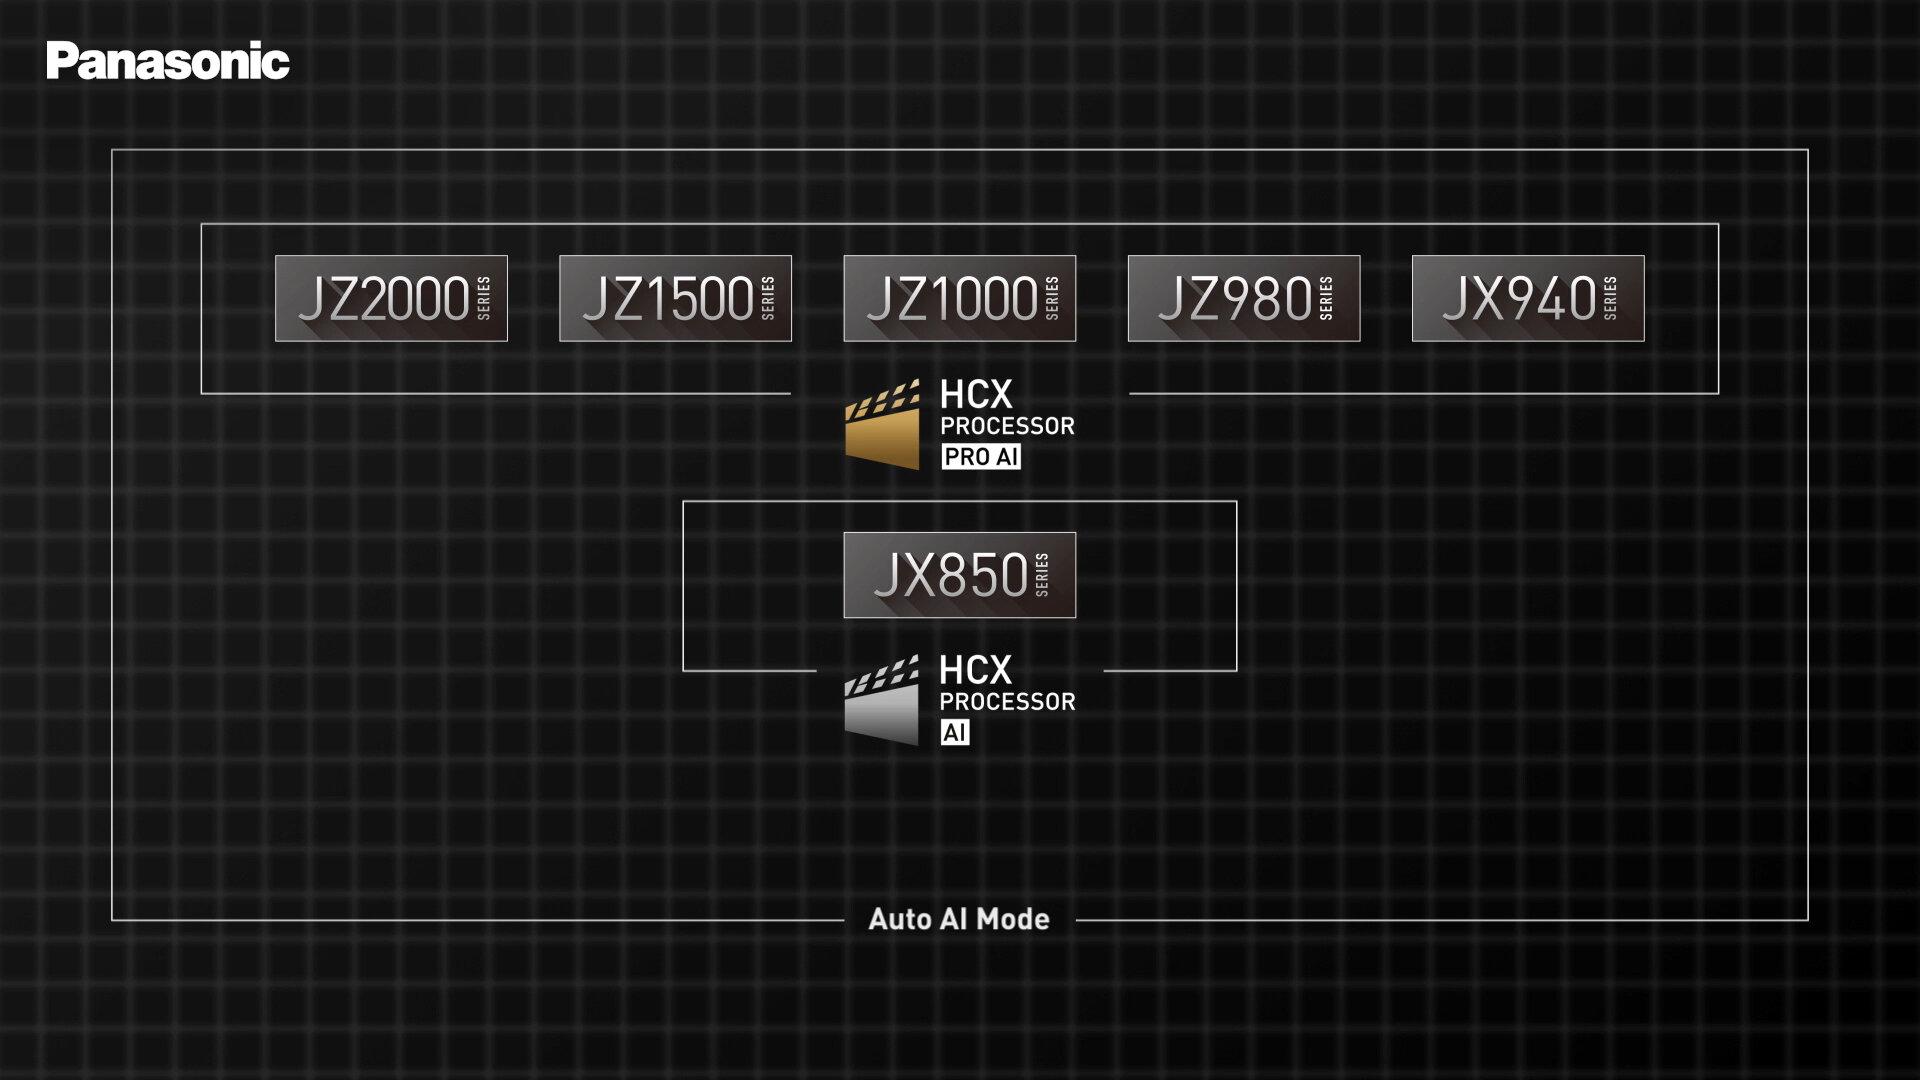 Identischer Prozessor für alle OLED-Modelle